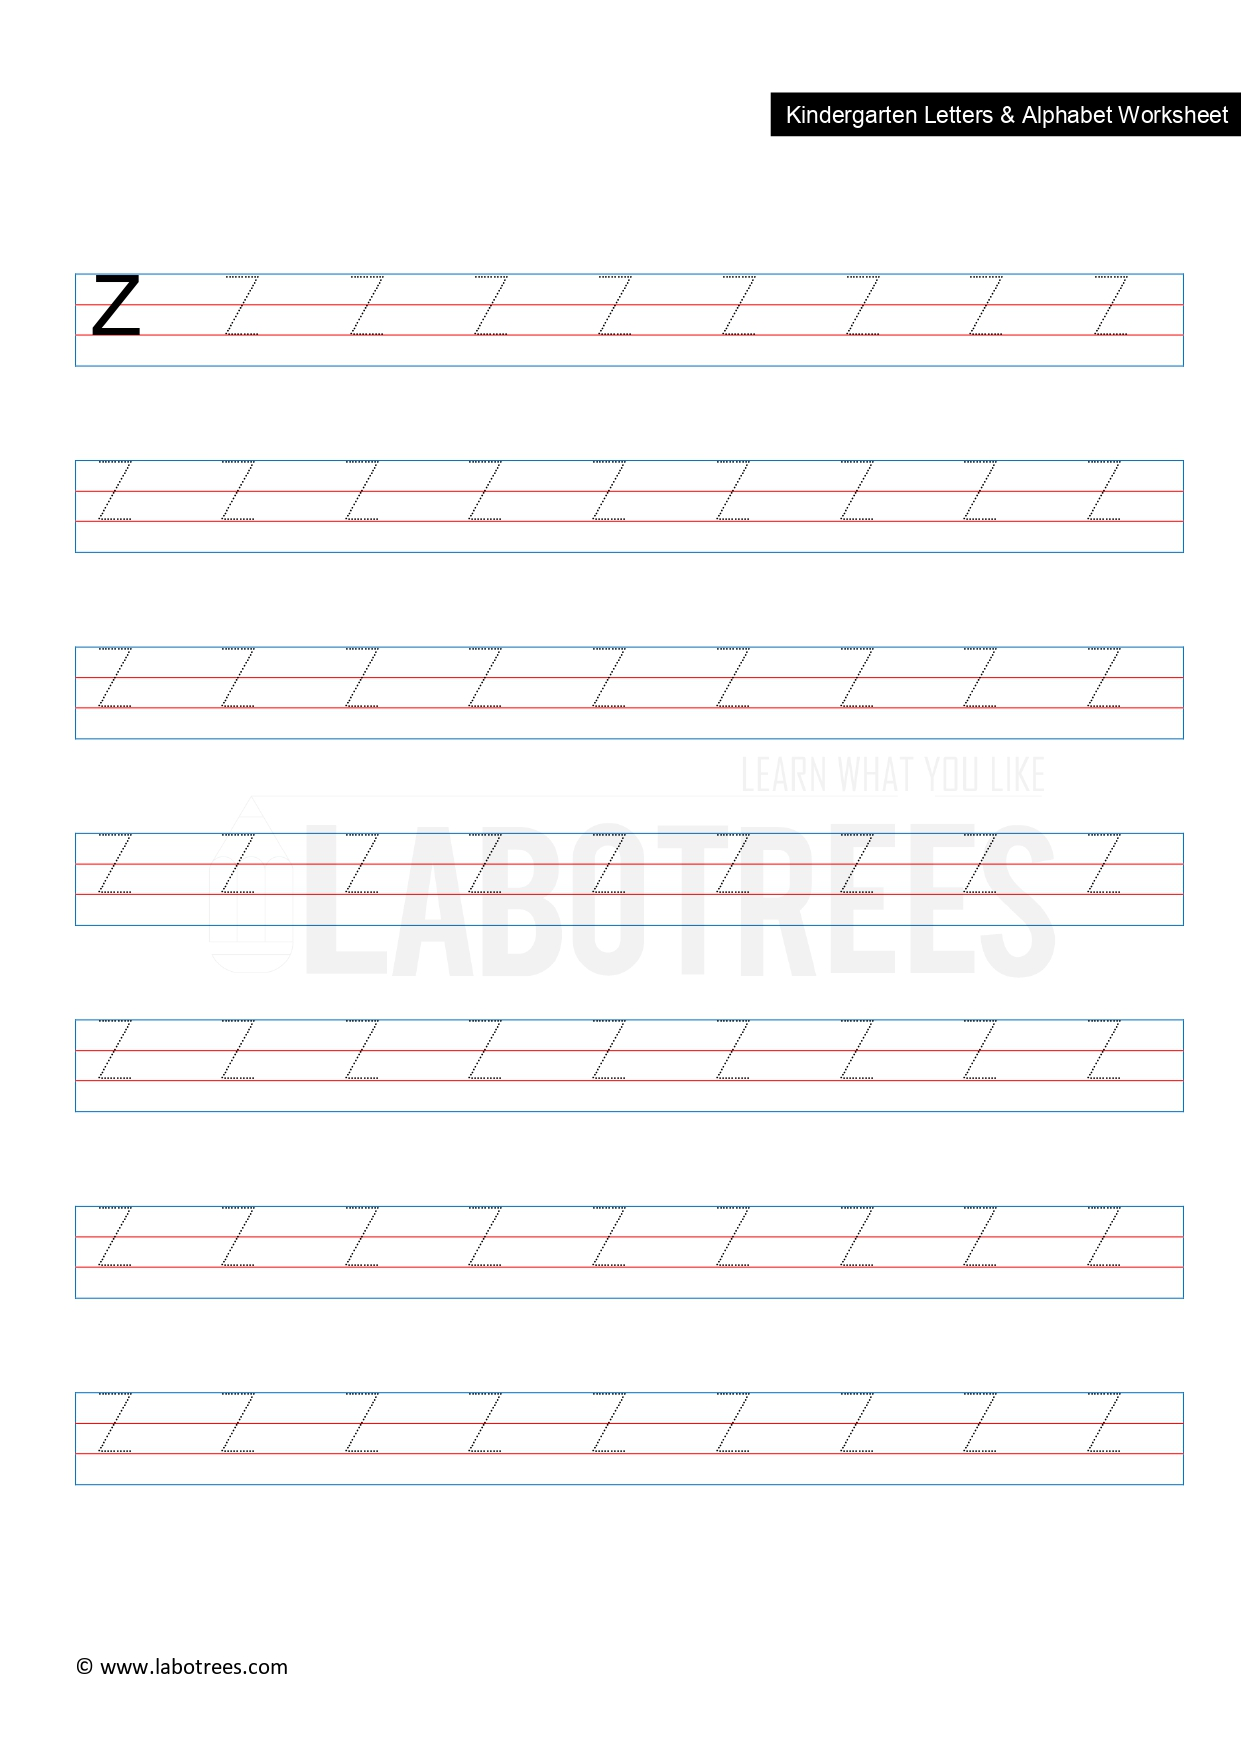 Worksheet Of Letter Z Uppercase Free Download